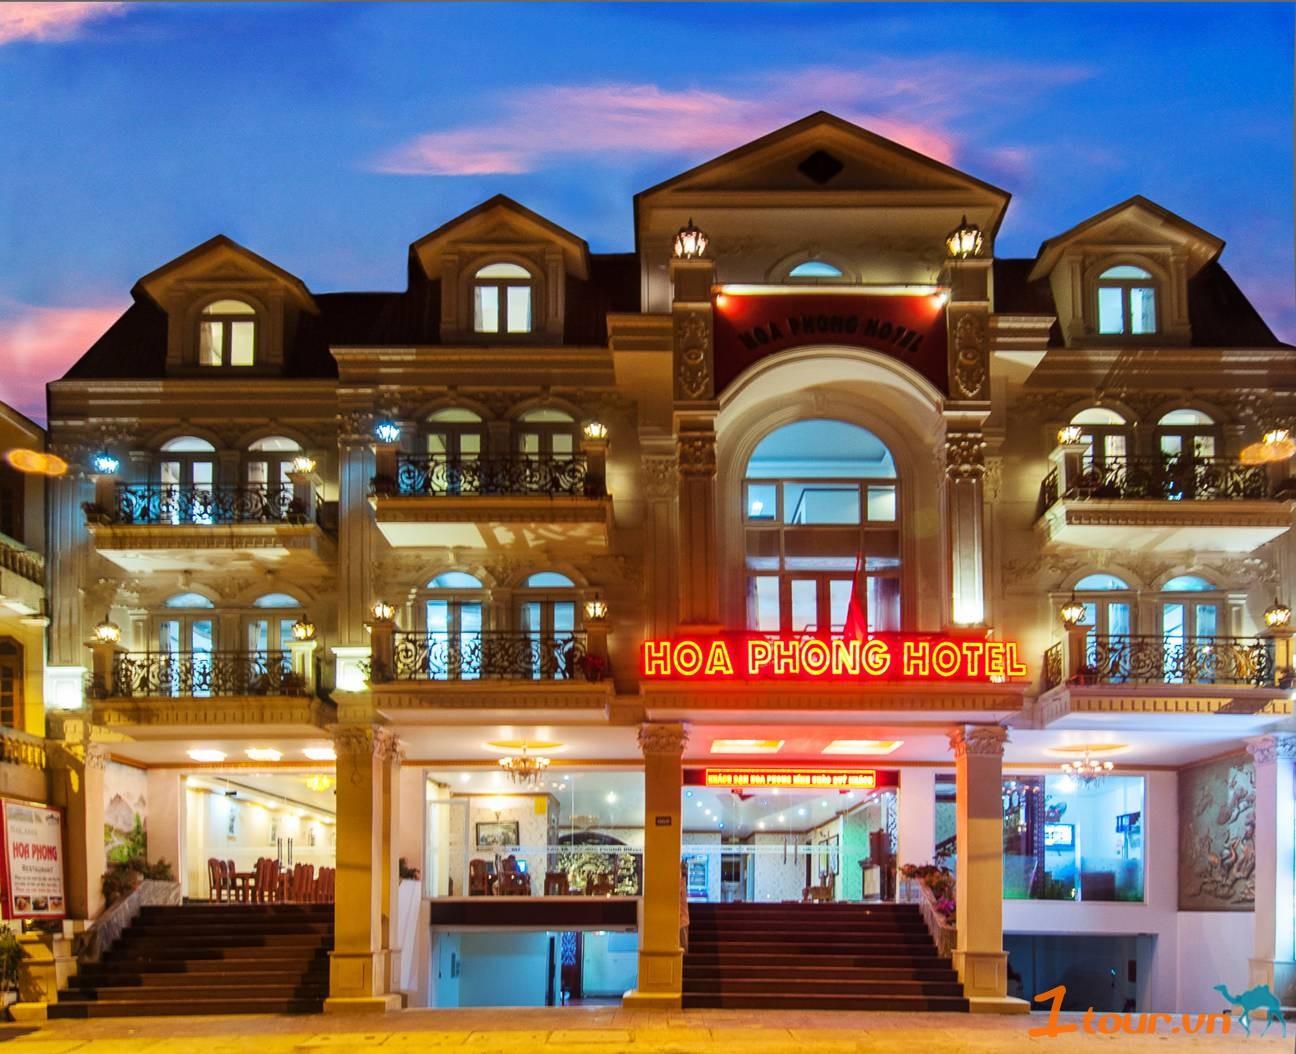 khách sạn 3 sao ở sapa, Những khách sạn 3 sao ở sapa-sự lựa chọn hoàn hảo cho chuyến đi của bạn